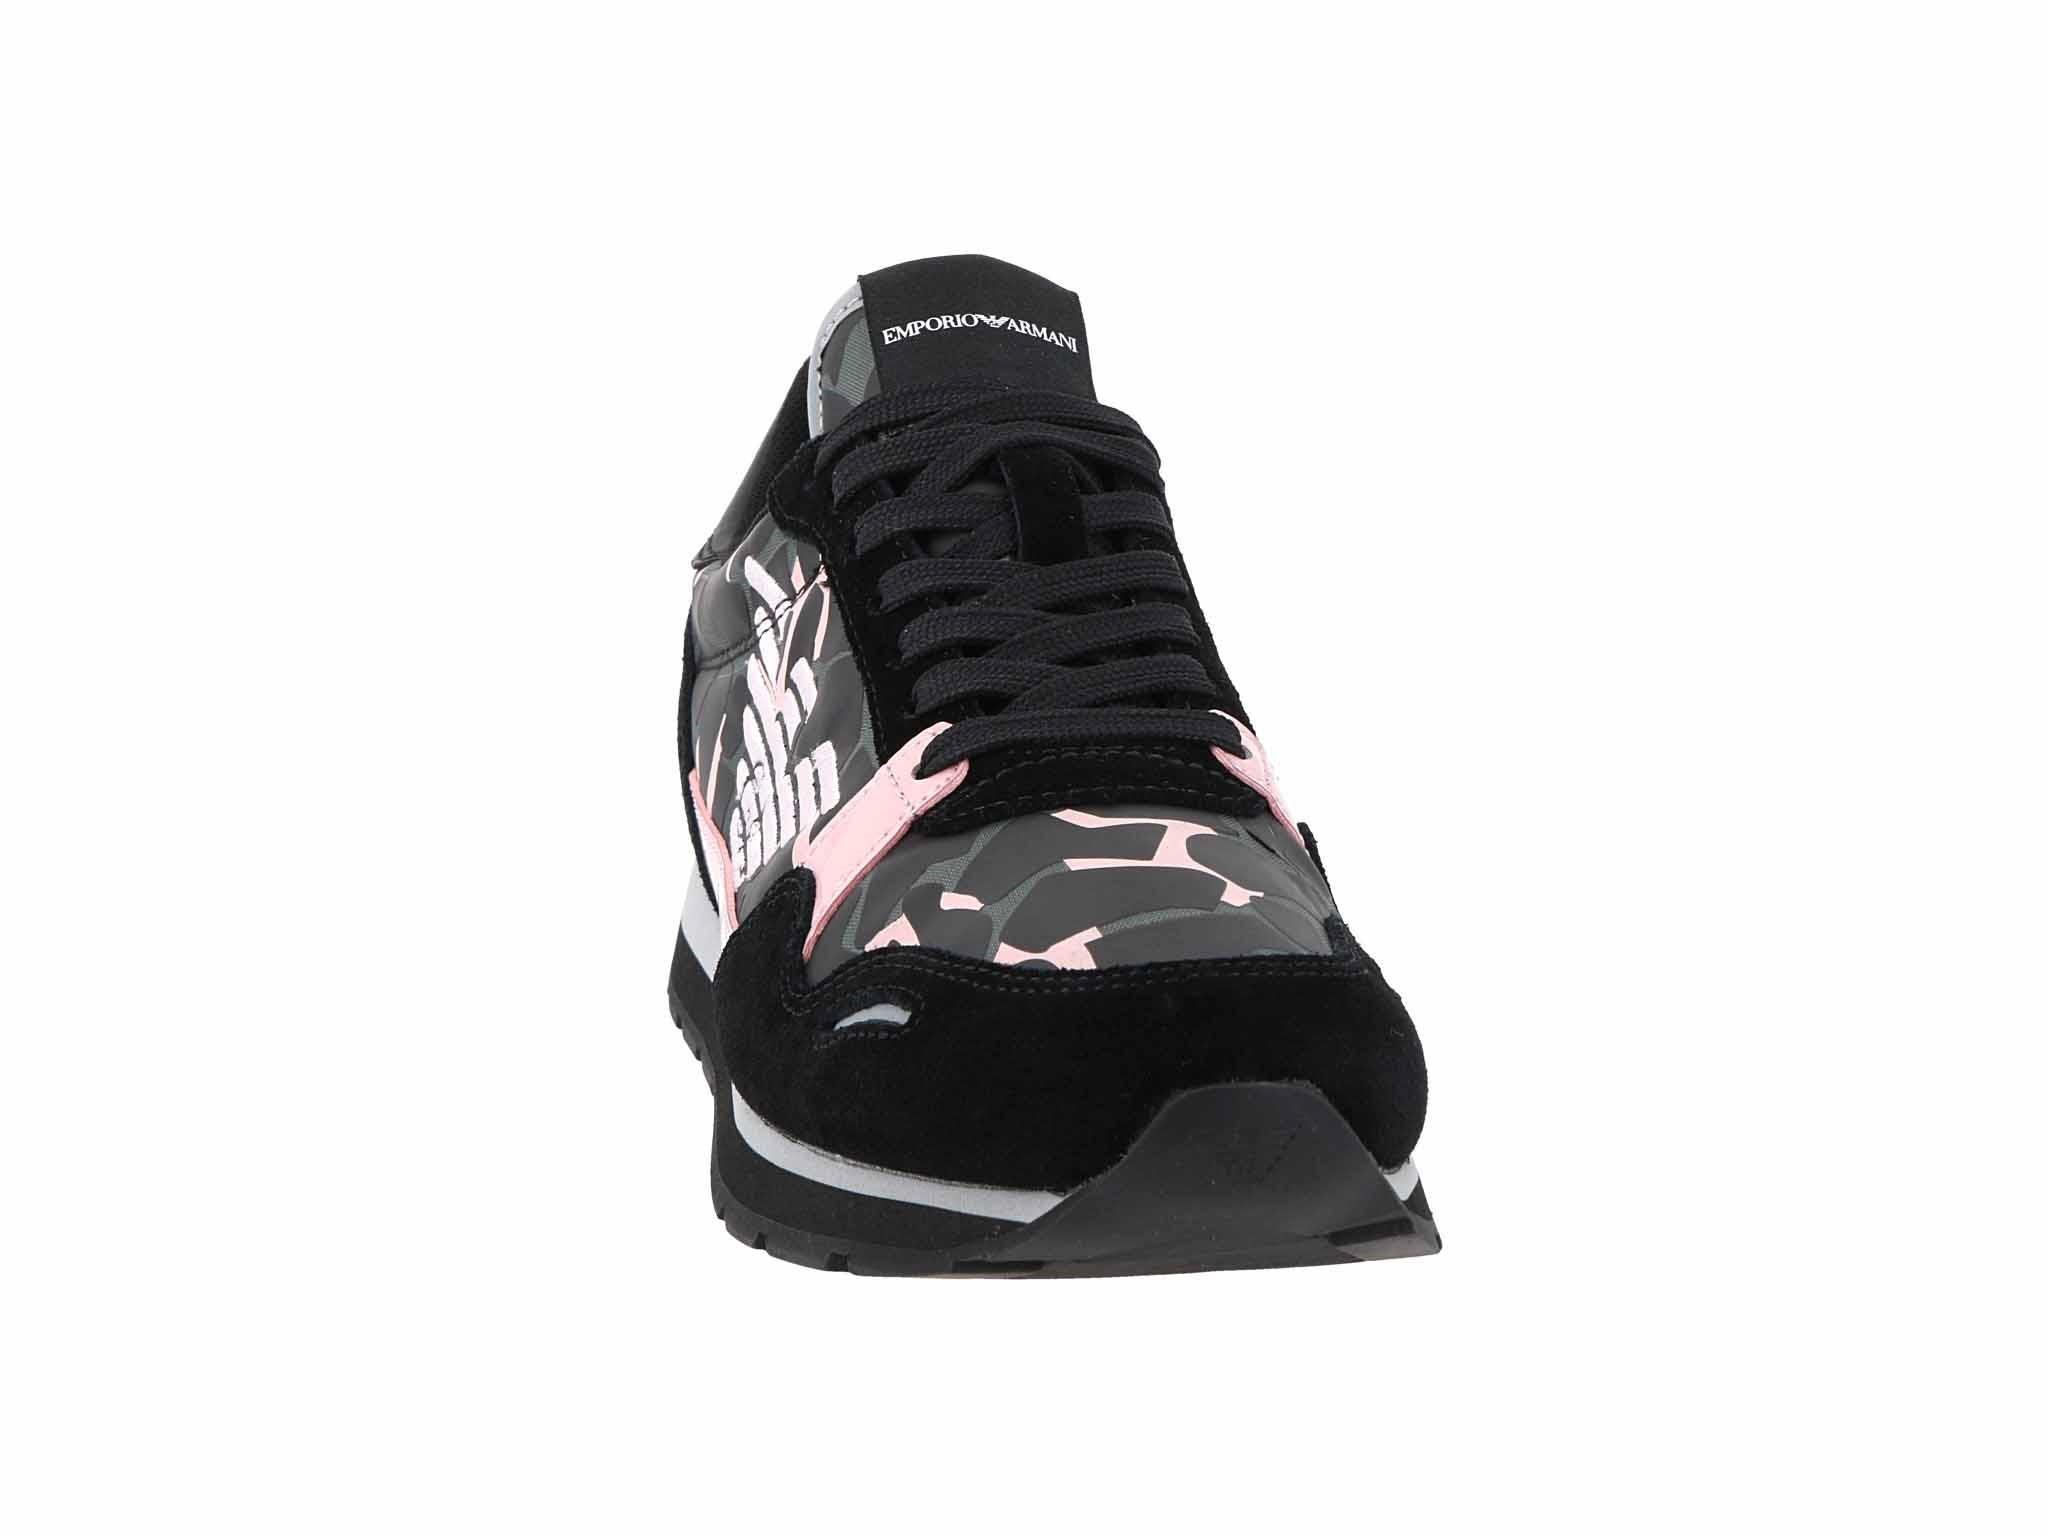 Sneakersy EMPORIO ARMANI - X3X058 XM053 R527 Blk/Nude/Black/Nude